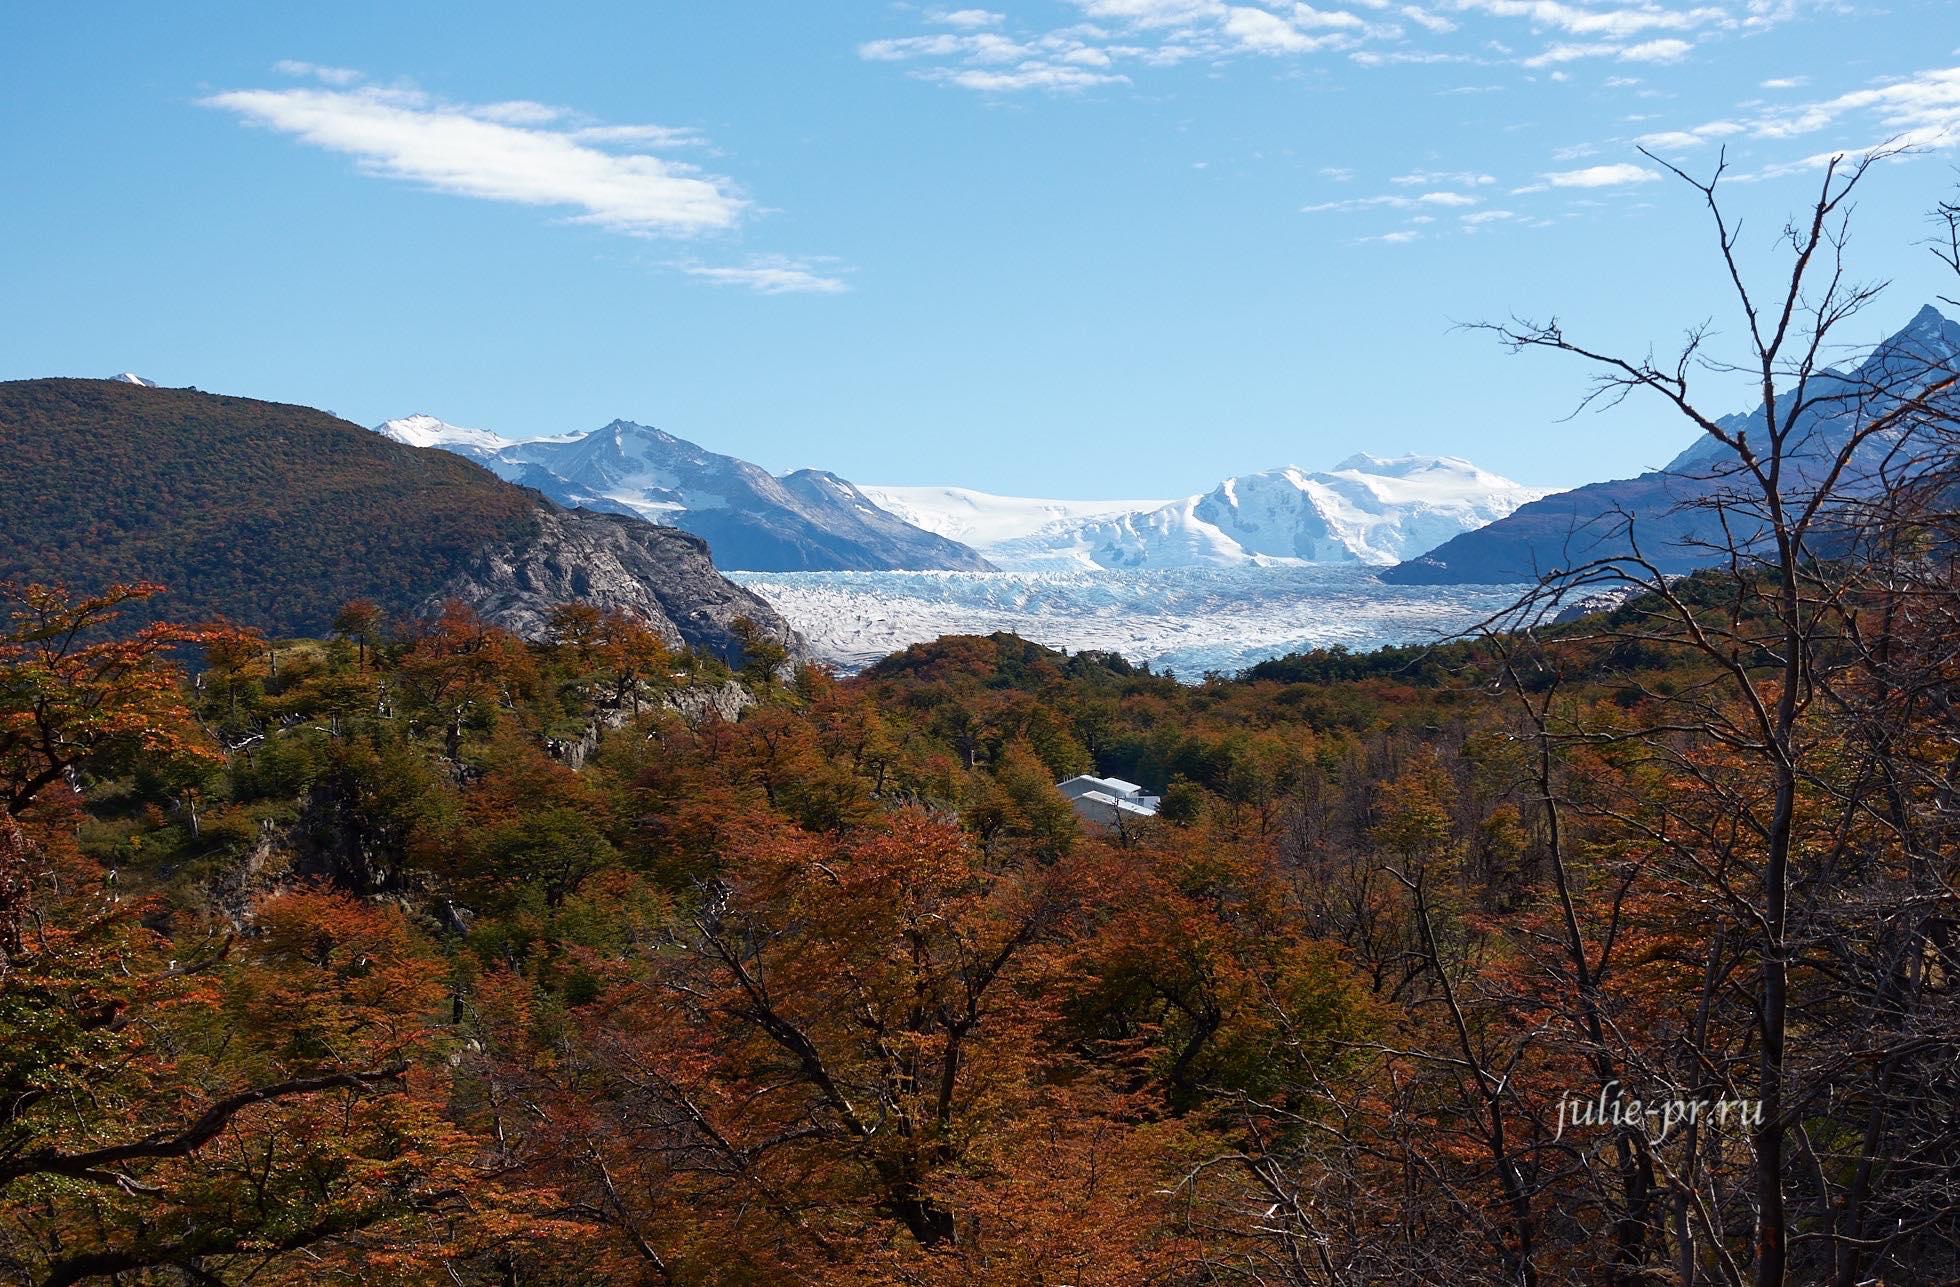 Чили, Патагония, Торрес-дель-Пайне, ледник и лагерь Грей, осень